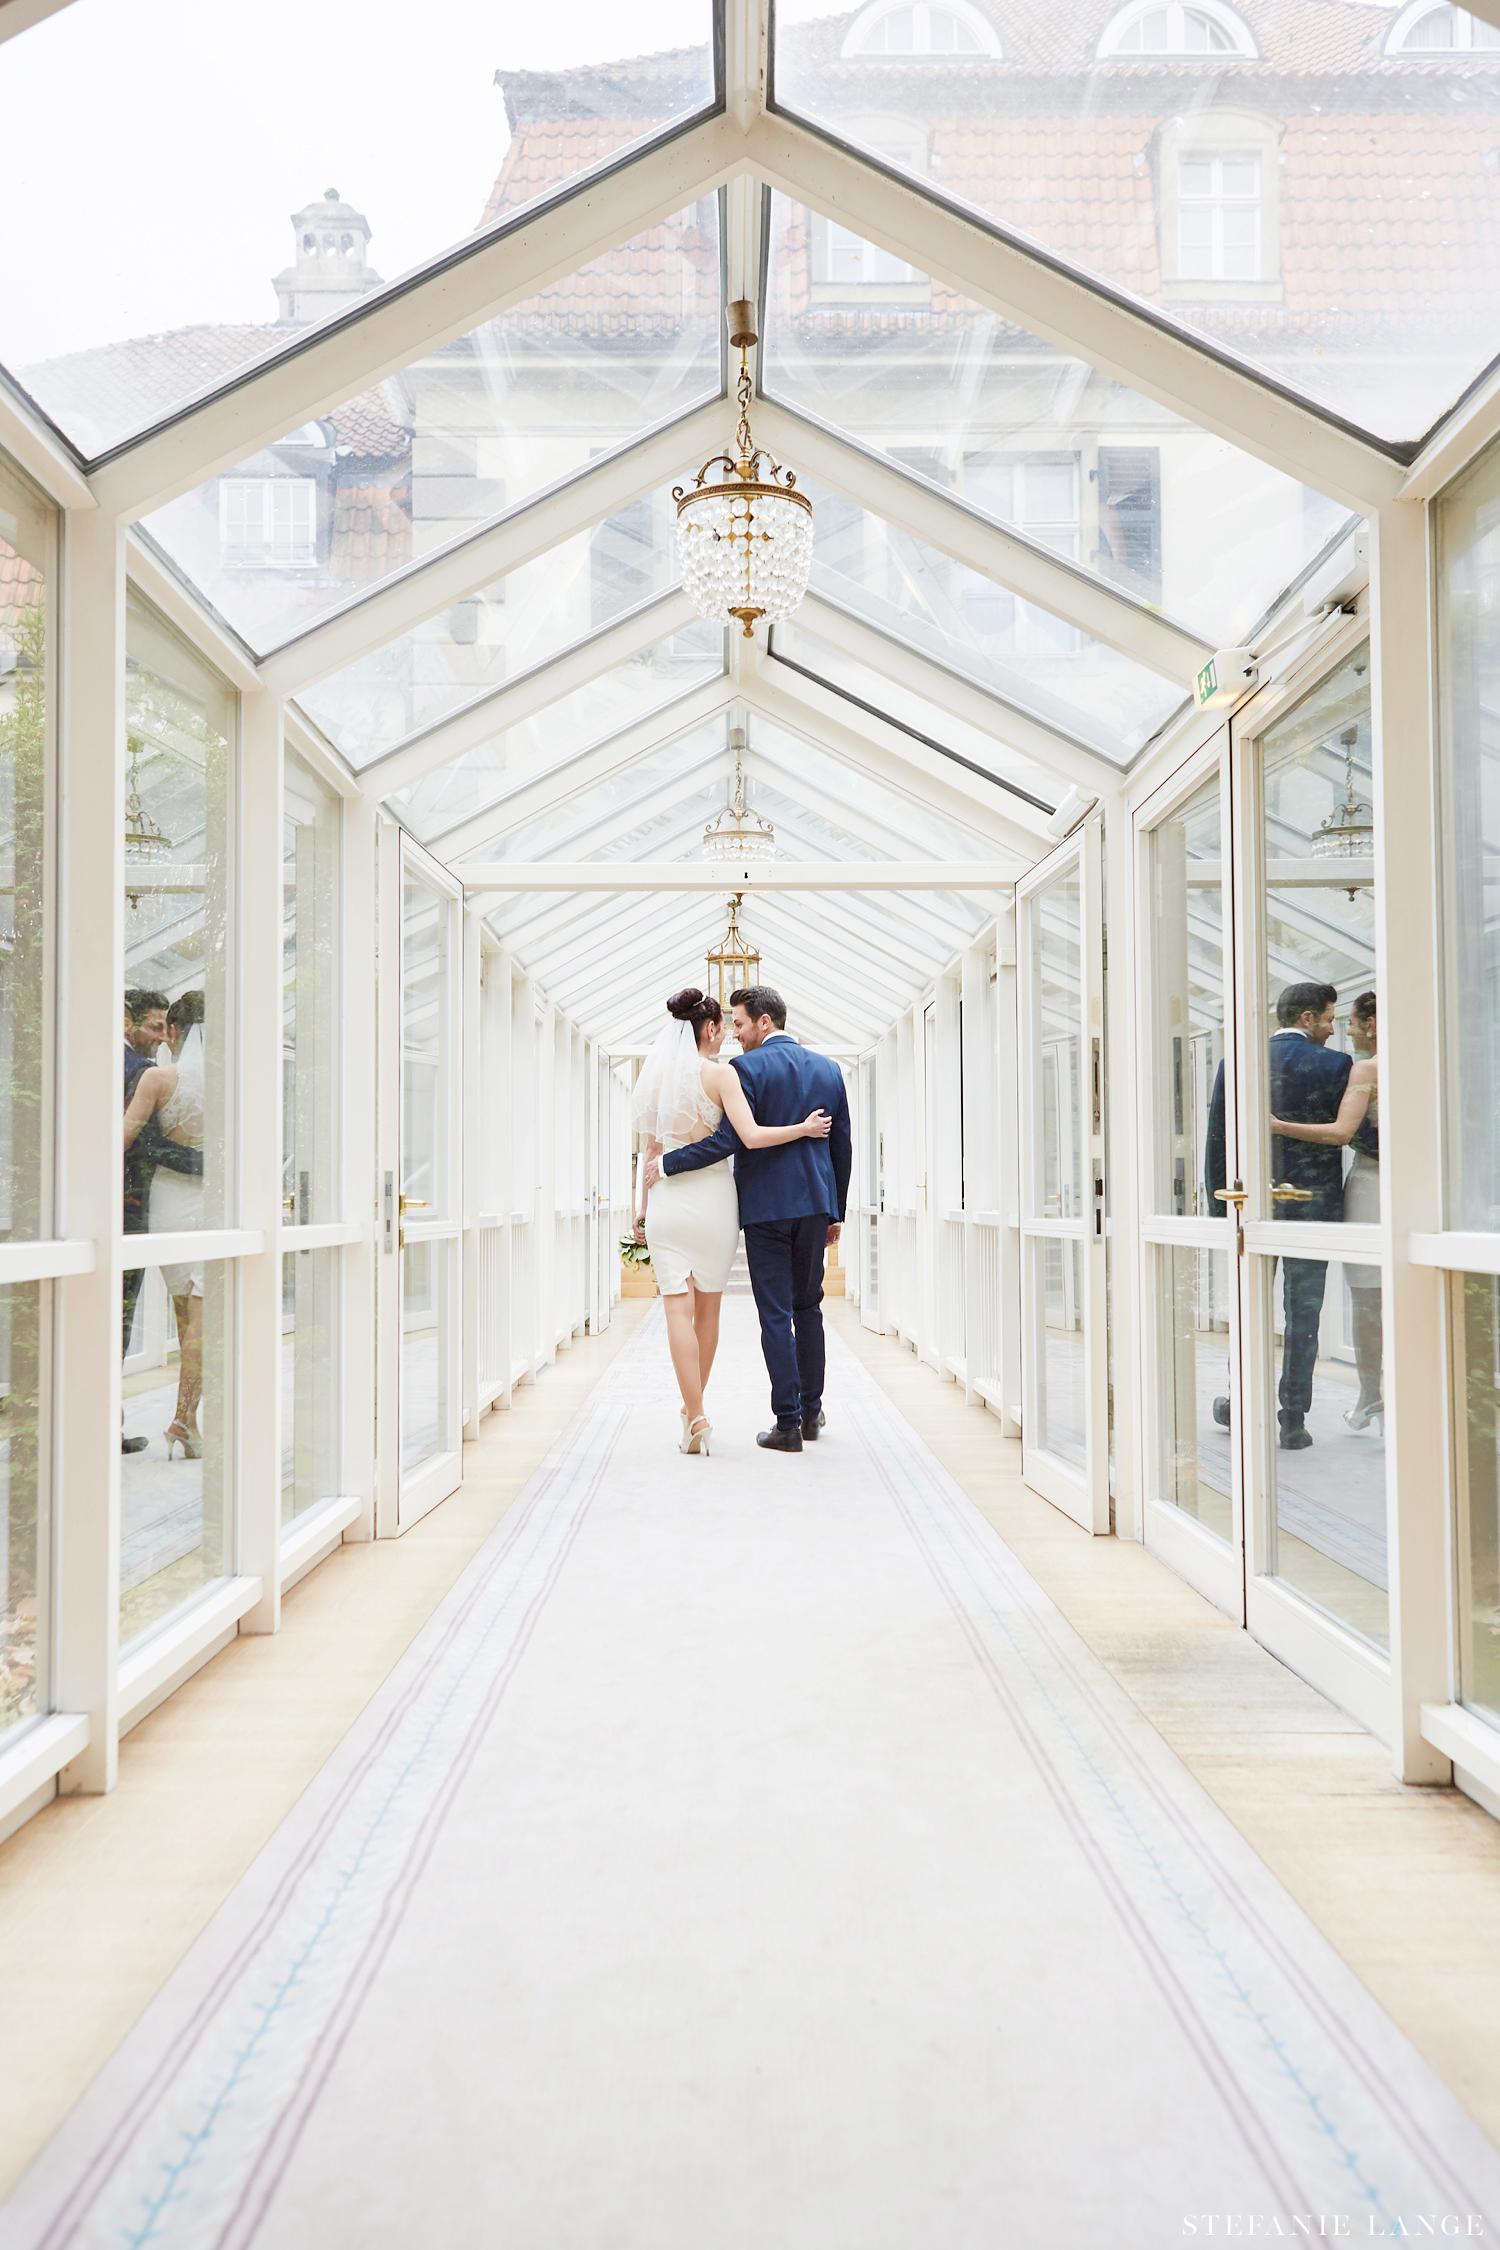 Hochzeit im Patrick Hellmann Schlosshotel Grunewald Berlin - Brautpaar im Wintergarten